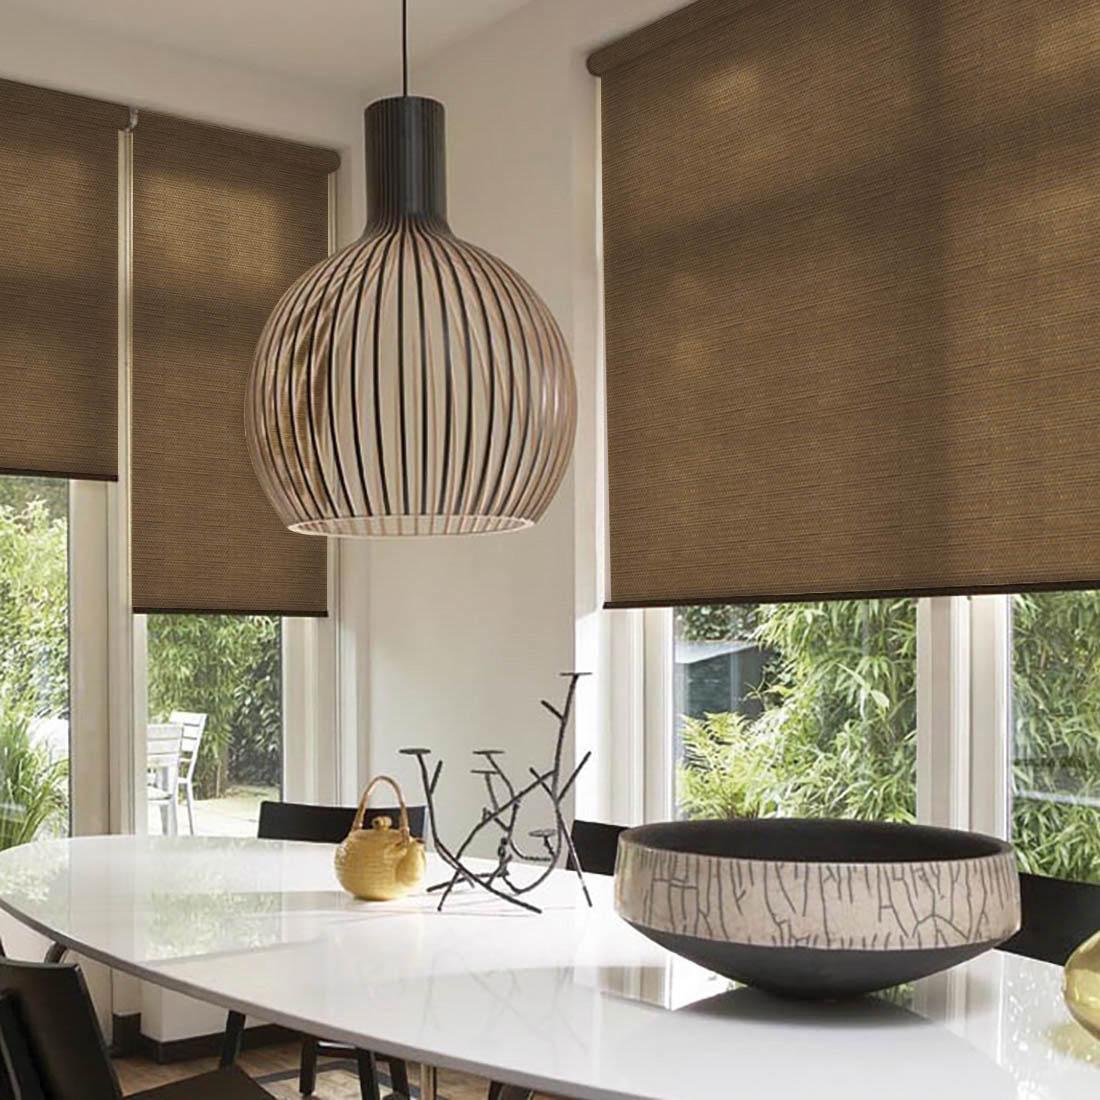 Шторы из бамбука – оригинальный современный аксессуар для создания необычного интерьера в восточном или минималистичном стиле. Особенность устройства полотна позволяет свободно пропускать дневной свет, что обеспечивает мягкое освещение комнаты. Это натуральный влагостойкий материал, который легко вписывается в любой интерьер, хорошо сочетается с различной мебелью и элементами отделки. Использование бамбукового полотна придает помещению необычный вид и визуально расширяет пространство. Кронштейны - специальные крючки-держатели, которые крепятся на поверхность, а на них крепится штора. Такой вид крепления обычно используется для рулонных, французских, римских или австрийских штор. Кронштейны держат конструкцию из вала (карниза), на котором находится полотно, и механизма подъема/опускания шторы.ВНИМАНИЕ! Комплектация штор может отличаться от представленной на фотографии. Фактическая комплектация указана в описании изделия.Производитель: Dome. Cтрана бренда: Дания.Рулонные шторы. Материал портьеры: Бамбук. Состав портьеры: бамбуковое волокно с нитью из полиэстера. Размер портьеры: 62 х 172 см. (1 шт.). Вид крепления: Кронштейны. Тип карниза: Без использования карниза. Рекомендуемая ширина карниза (см.): 60 -120. Светозащита 55-85%.В комплект входят: - Крепления на отрытую створку окна.- Кронштейны для вала со шторкой. - Вал с тканью (шторка). - Цепочка для регулирования шторы.- Утяжелитель для шторки. Крепление на глухую створку, направляющие, фиксатор для цепочного механизма - приобретаются отдельно. Максимальный размер карниза, указанный в описании, предполагает, что Вы будете использовать 2 полотна на одно окно. Обратите внимание на информацию о том, сколько полотен входит в данный комплект изначально. Зачастую шторы продаются по одному полотну, чтобы дать возможность подобрать изделия в желаемом цвете и стиле, создавая свое неповторимое сочетание.Комплектация: 1 портьера, крепления на отрытую створку окна, кронштейны для вала со шторкой, цепочка для регулирования шт